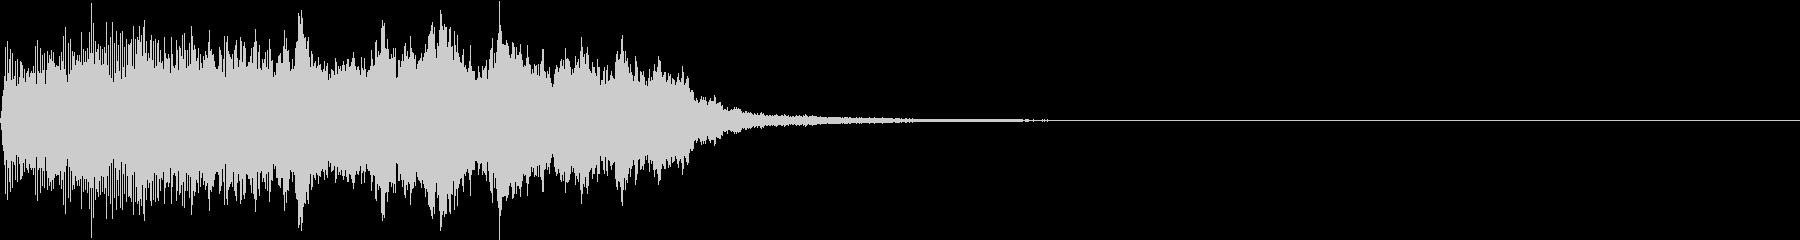 SE ポワーン クイズ出題前 上昇音 2の未再生の波形